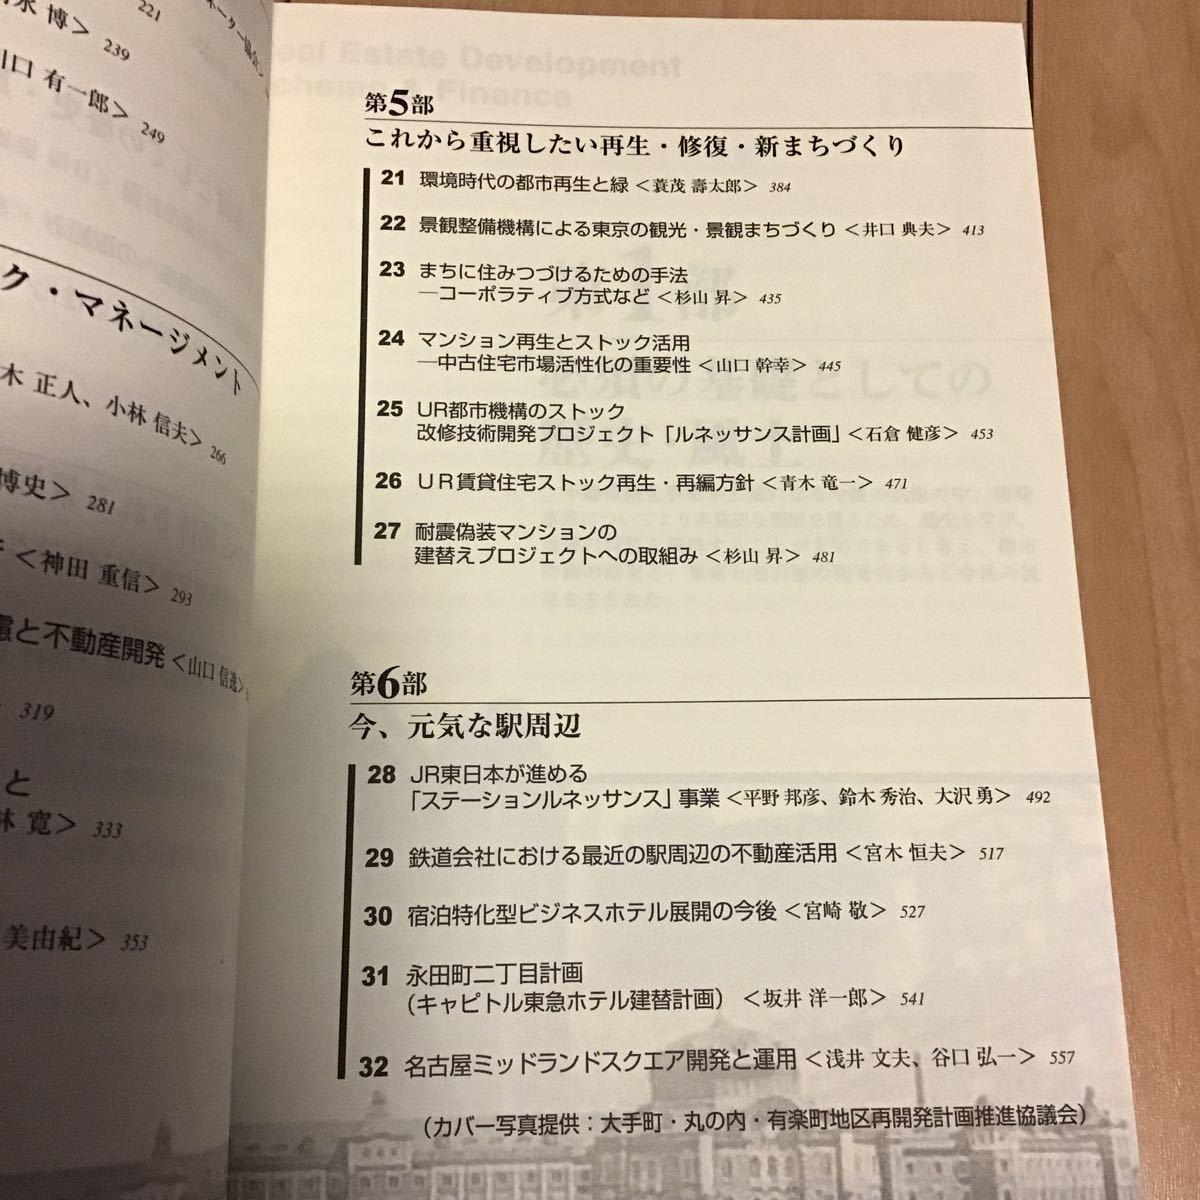 激動! 不動産 不動産開発事業のスキームとファイナンス(2) 清文社 2009年7月 初版発行_画像8